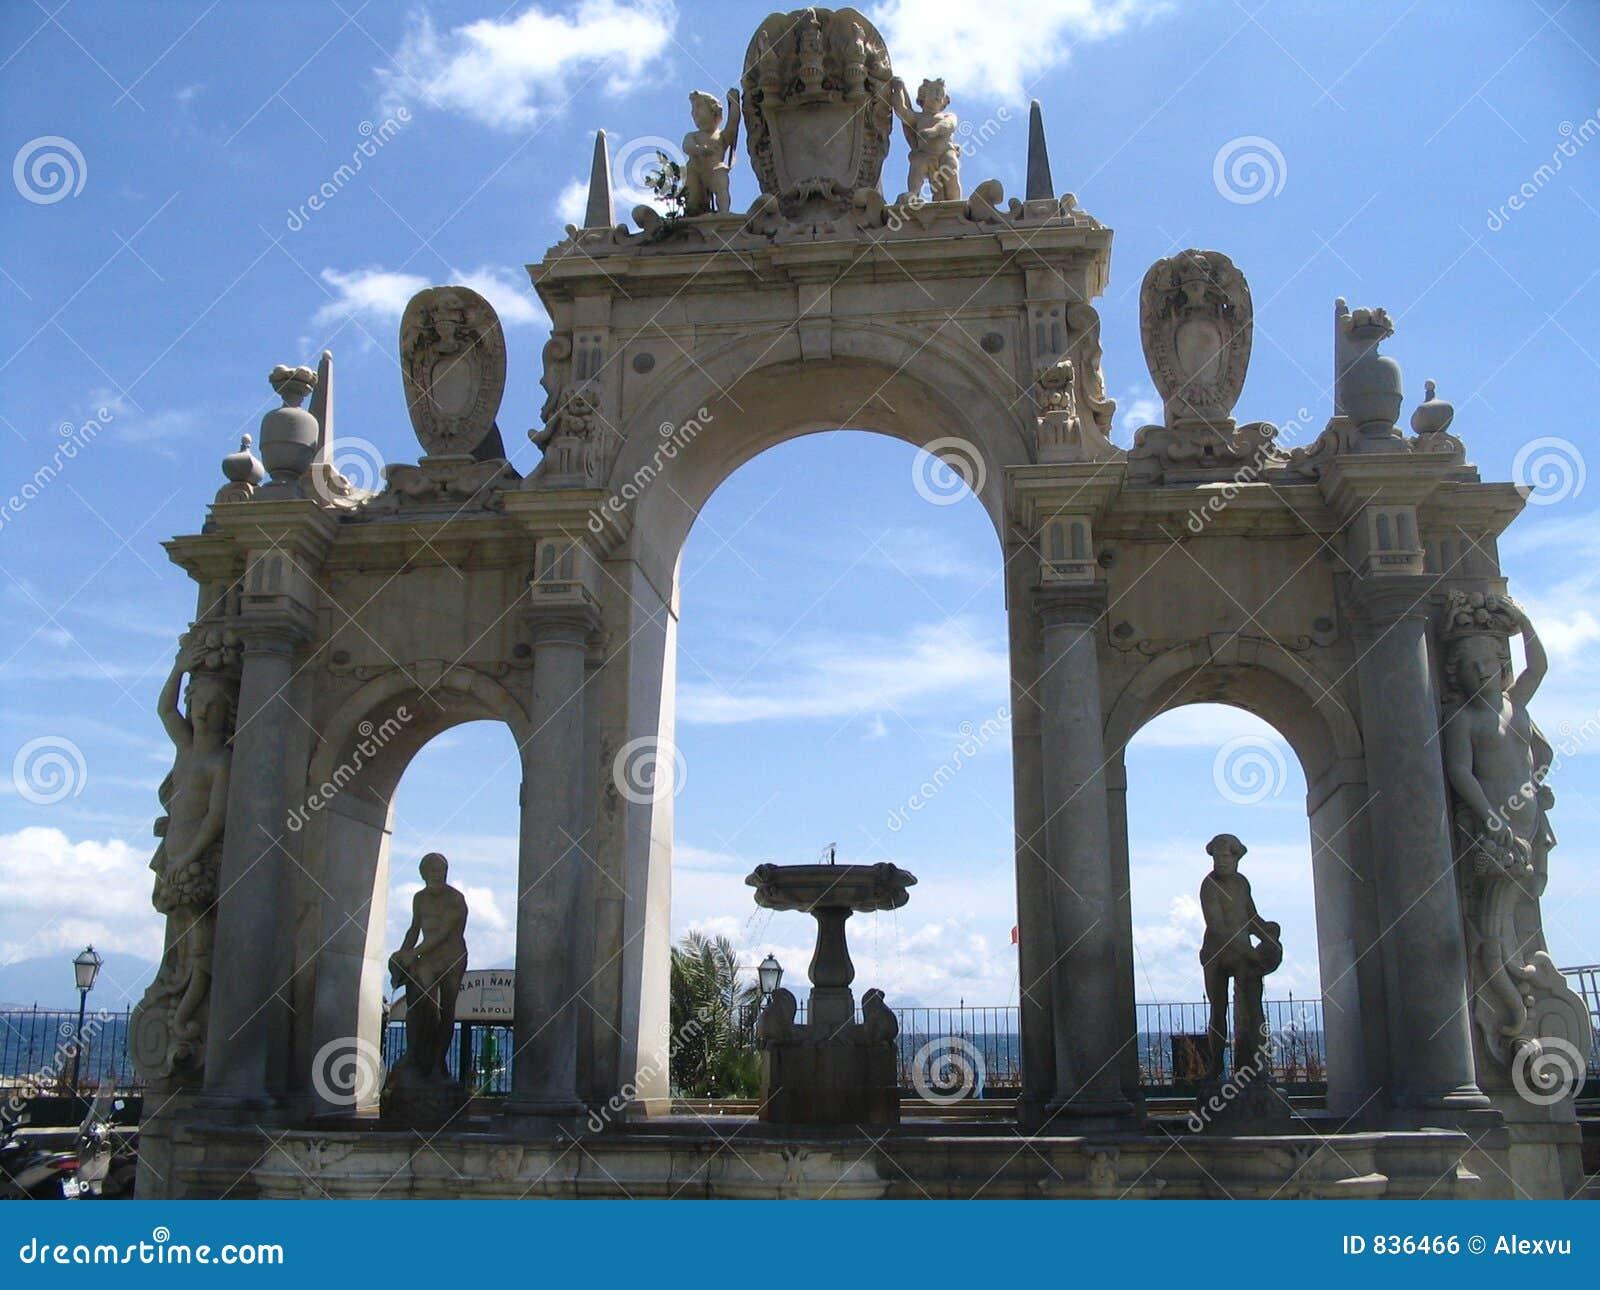 Naples, fountain